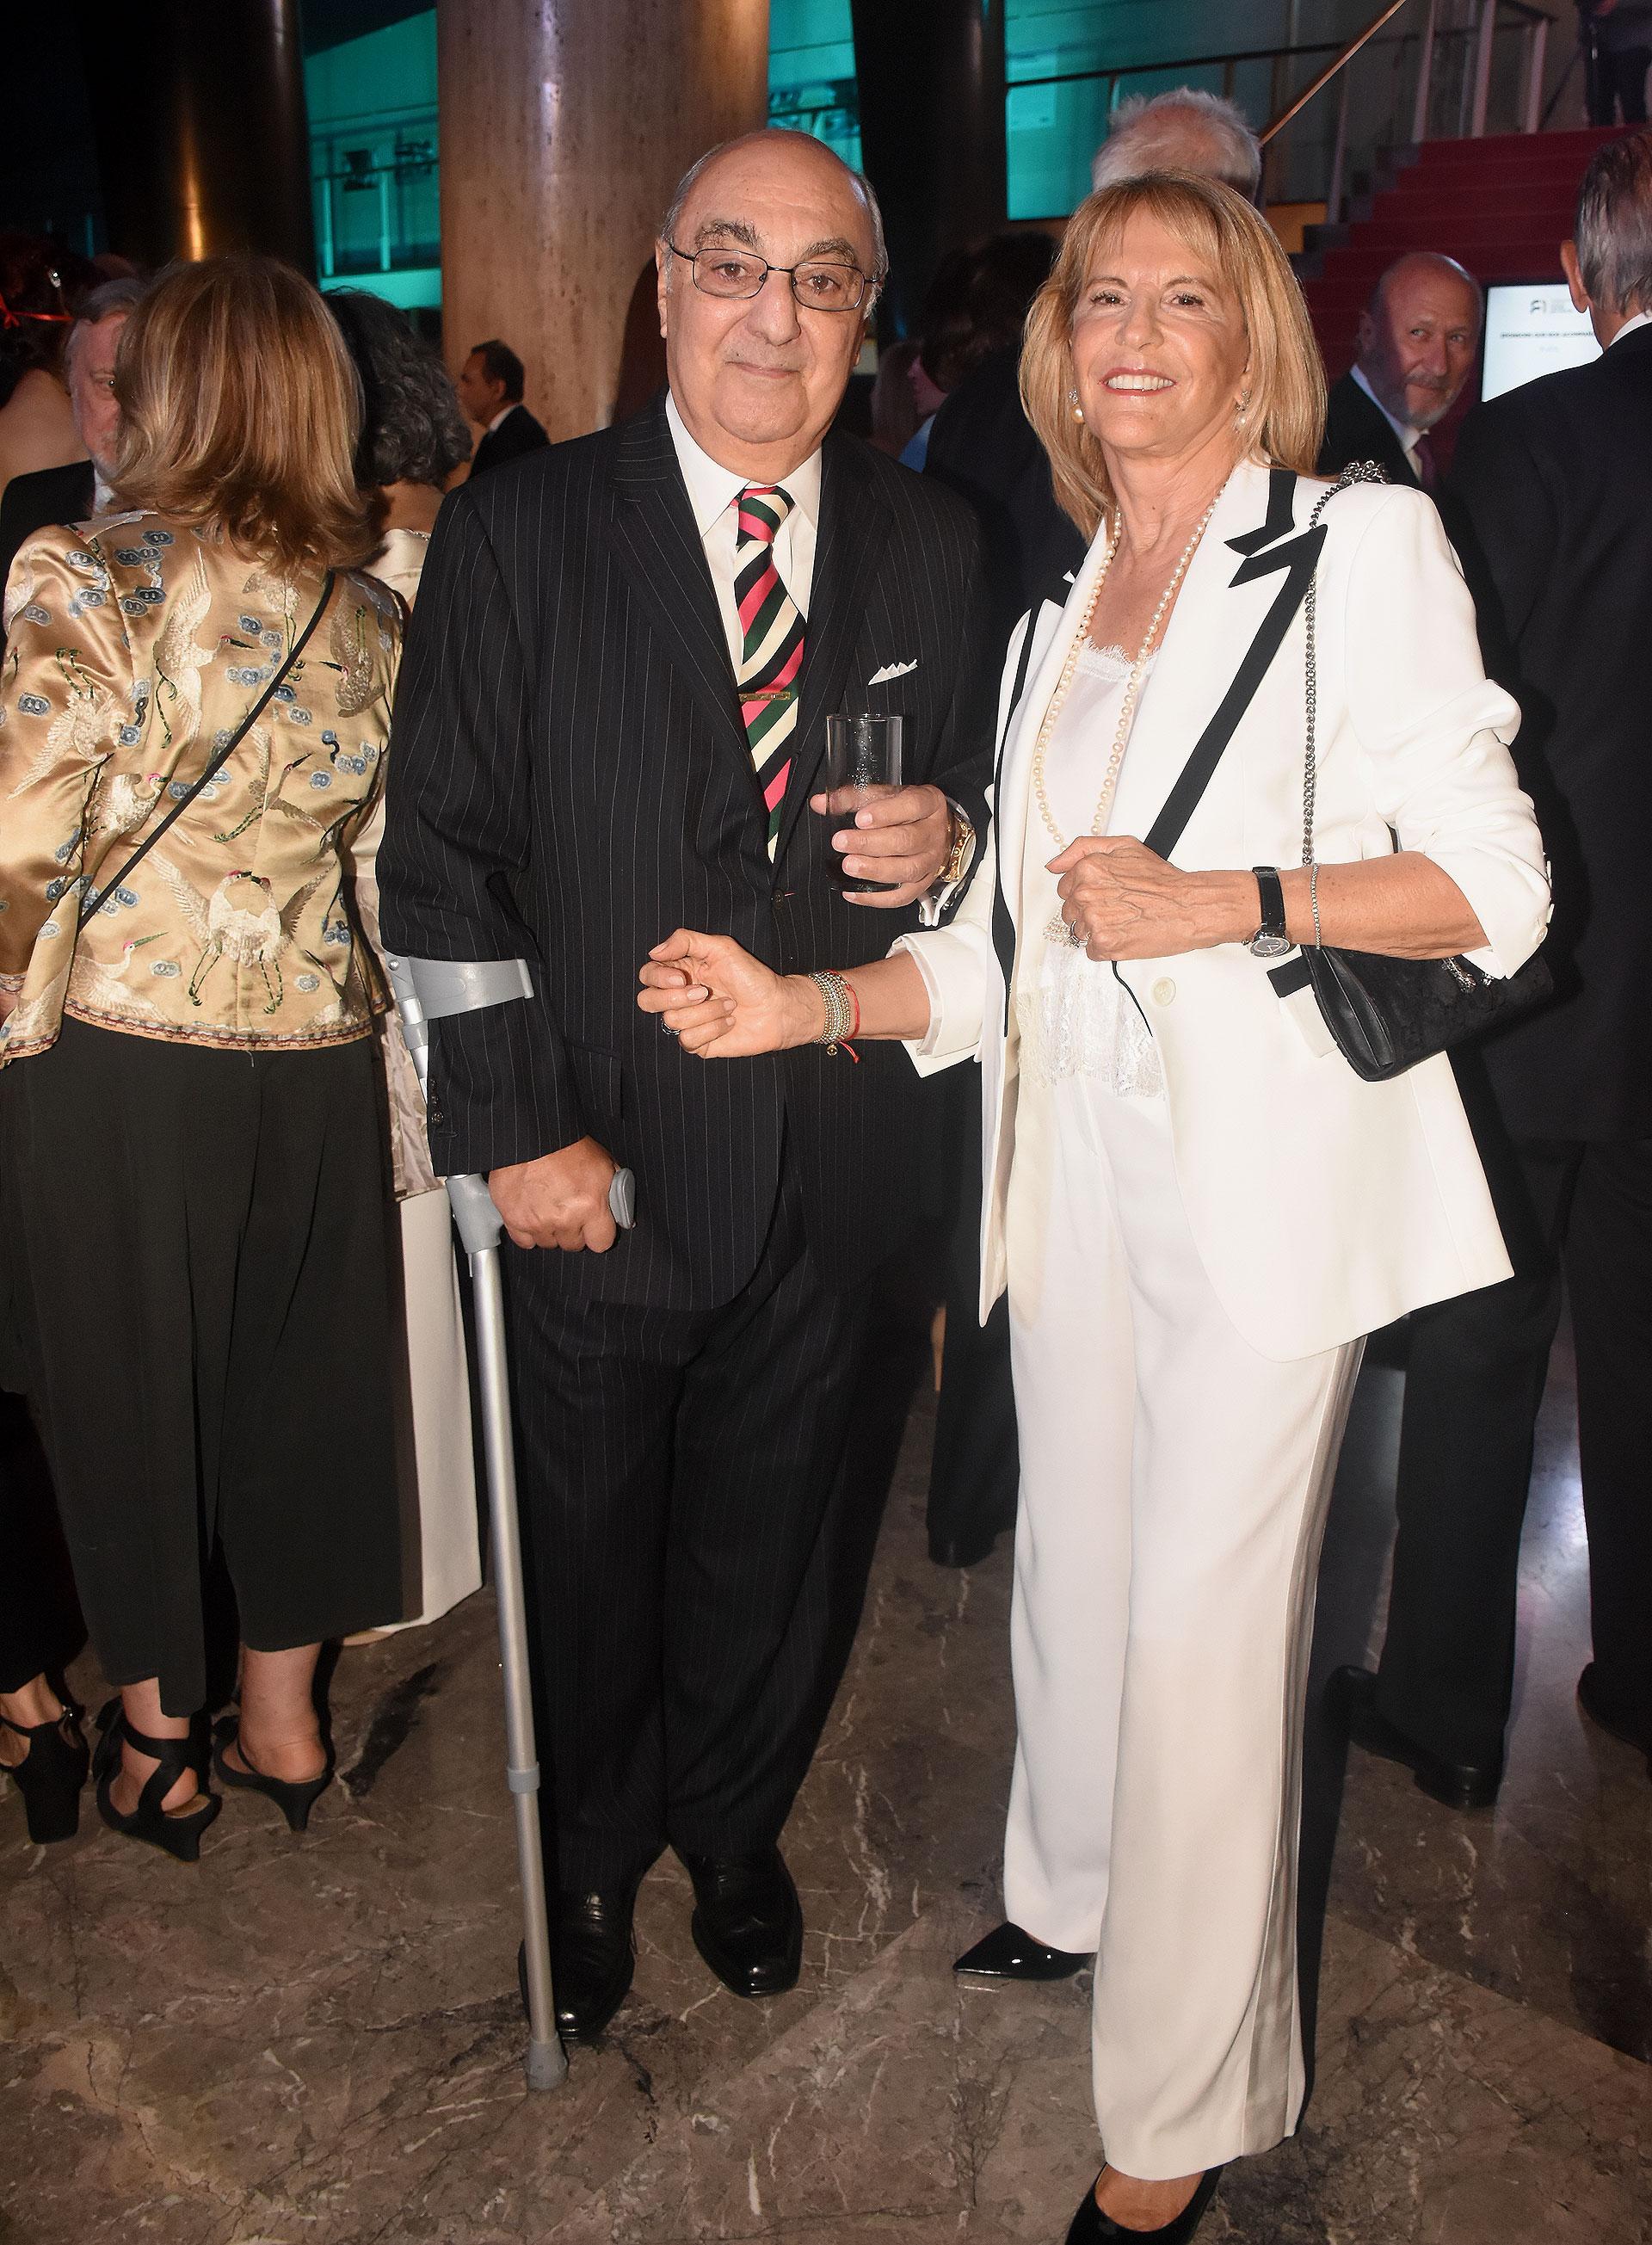 Jorge Aufiero, presidente de la Academia Nacional de Ciencias de la Empresa, y su mujer Mónica Balestrini de Aufiero